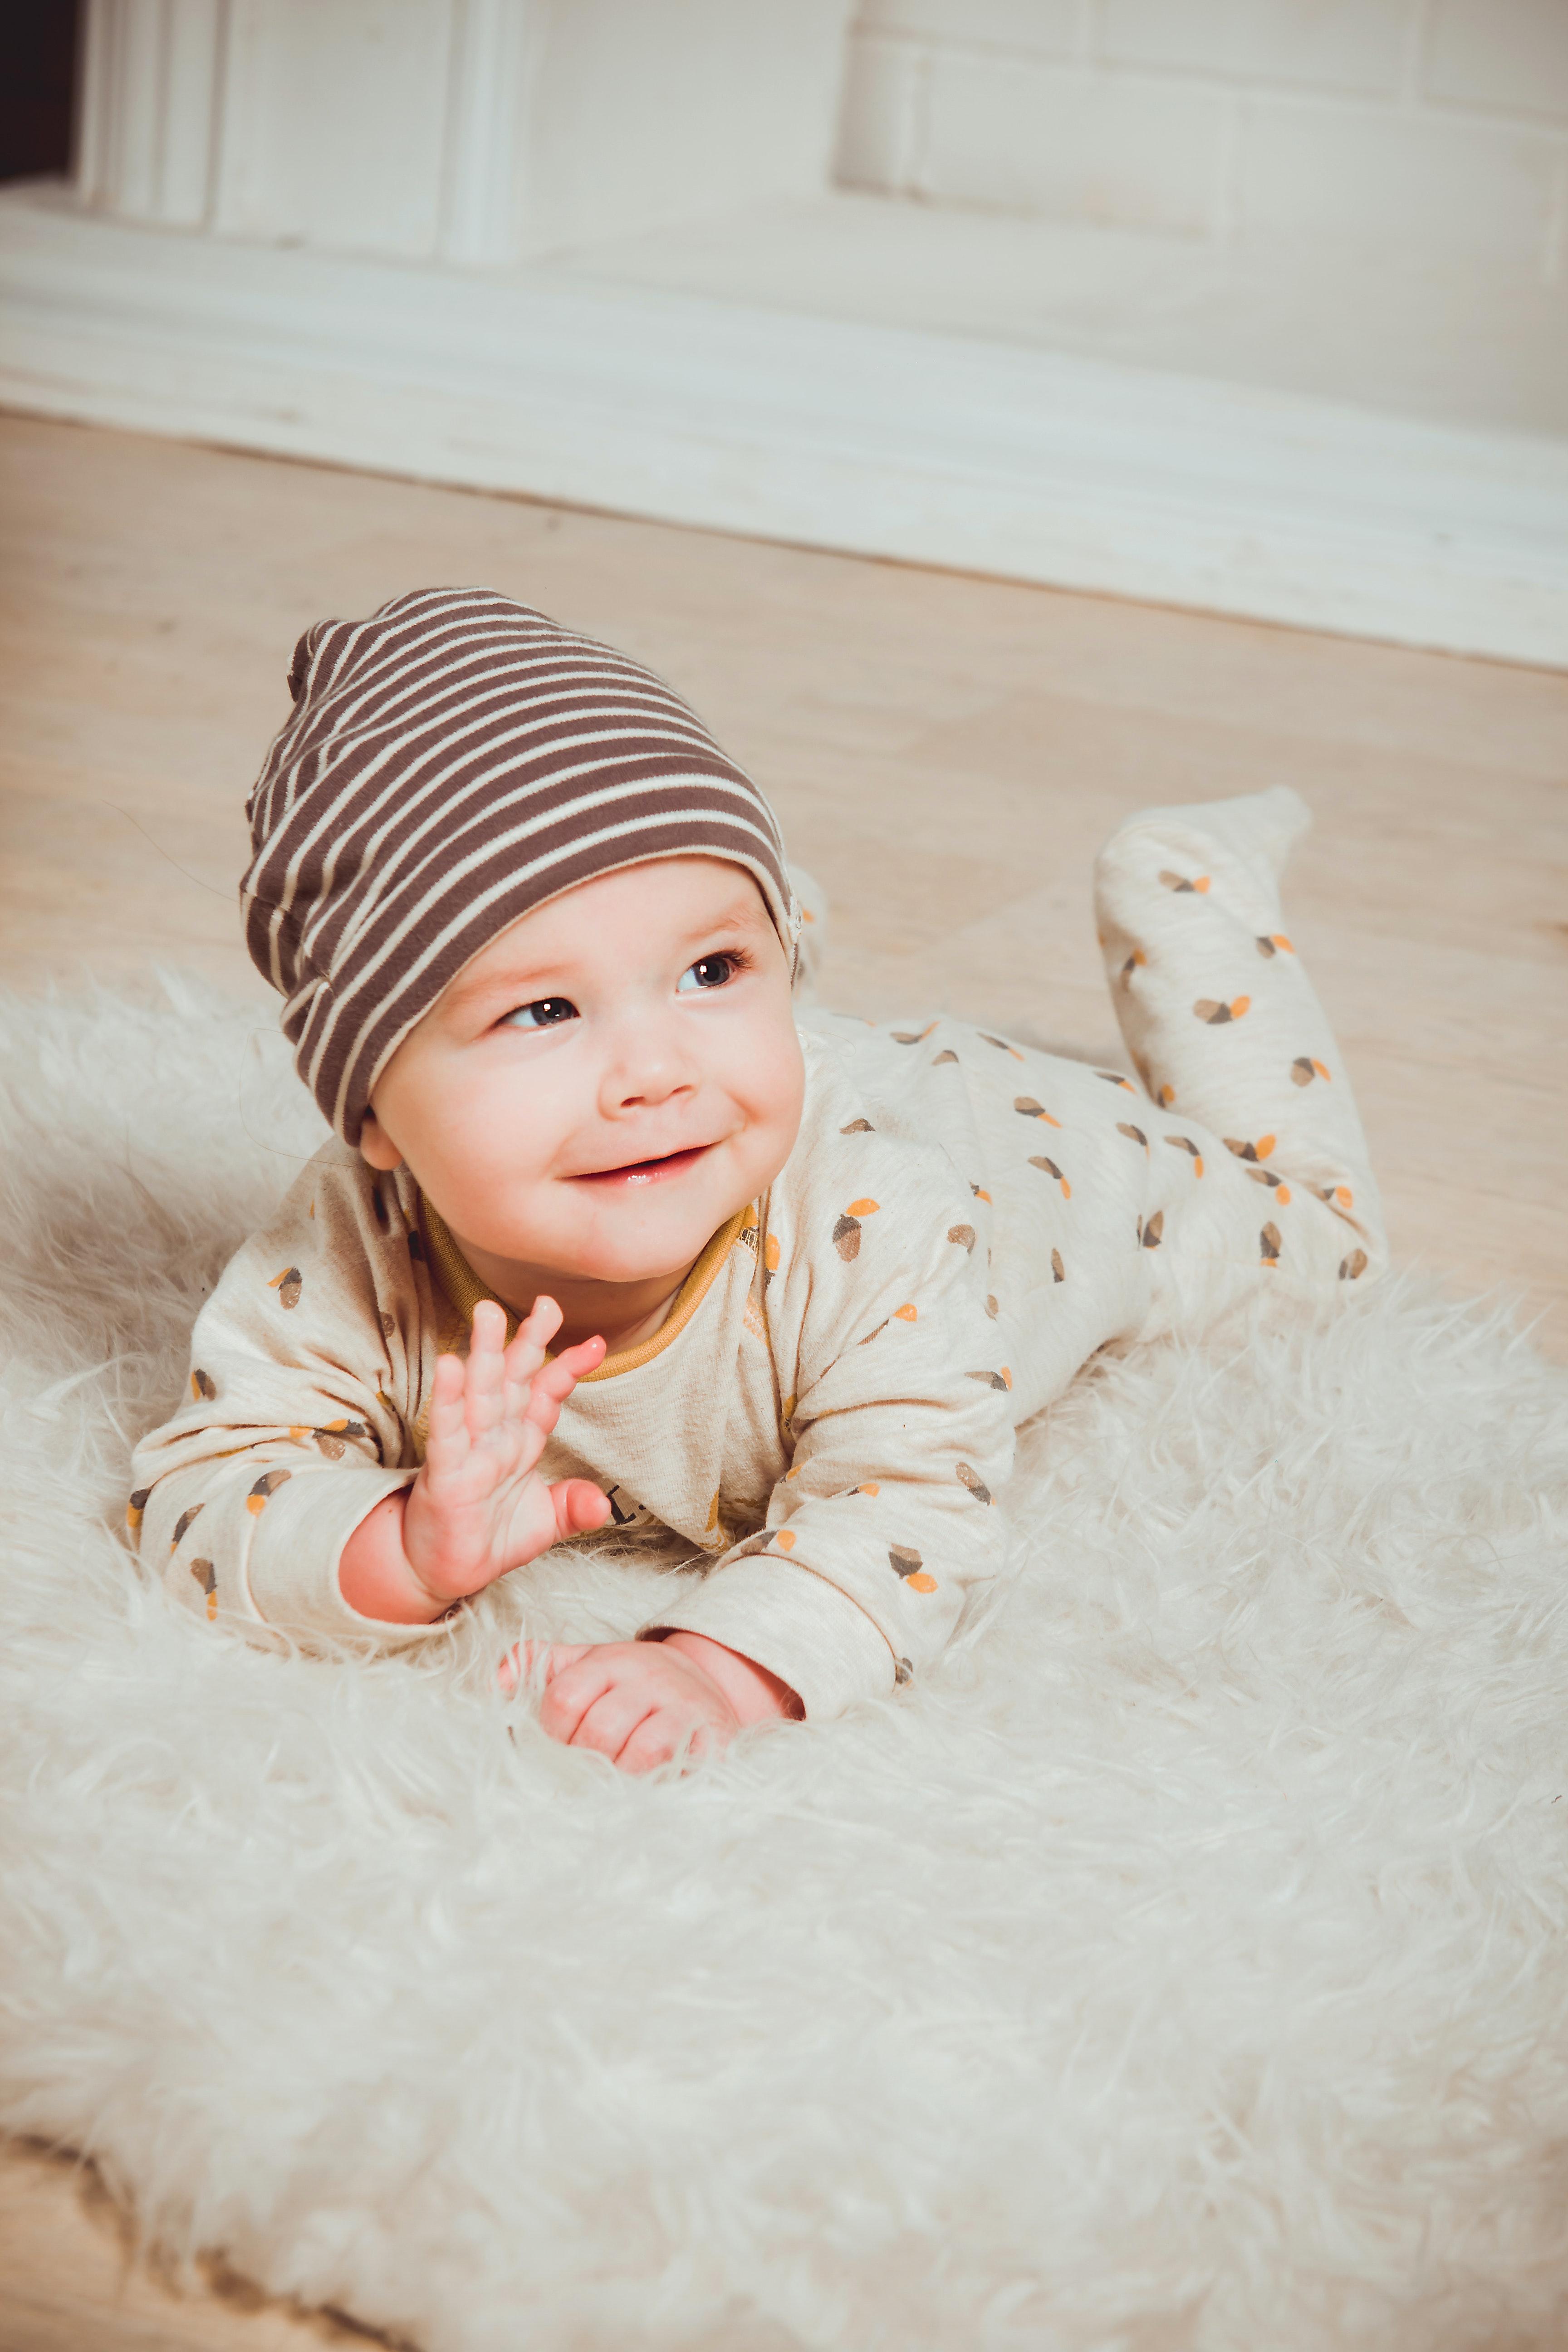 200 Heartwarming Baby Photos 183 Pexels 183 Free Stock Photos